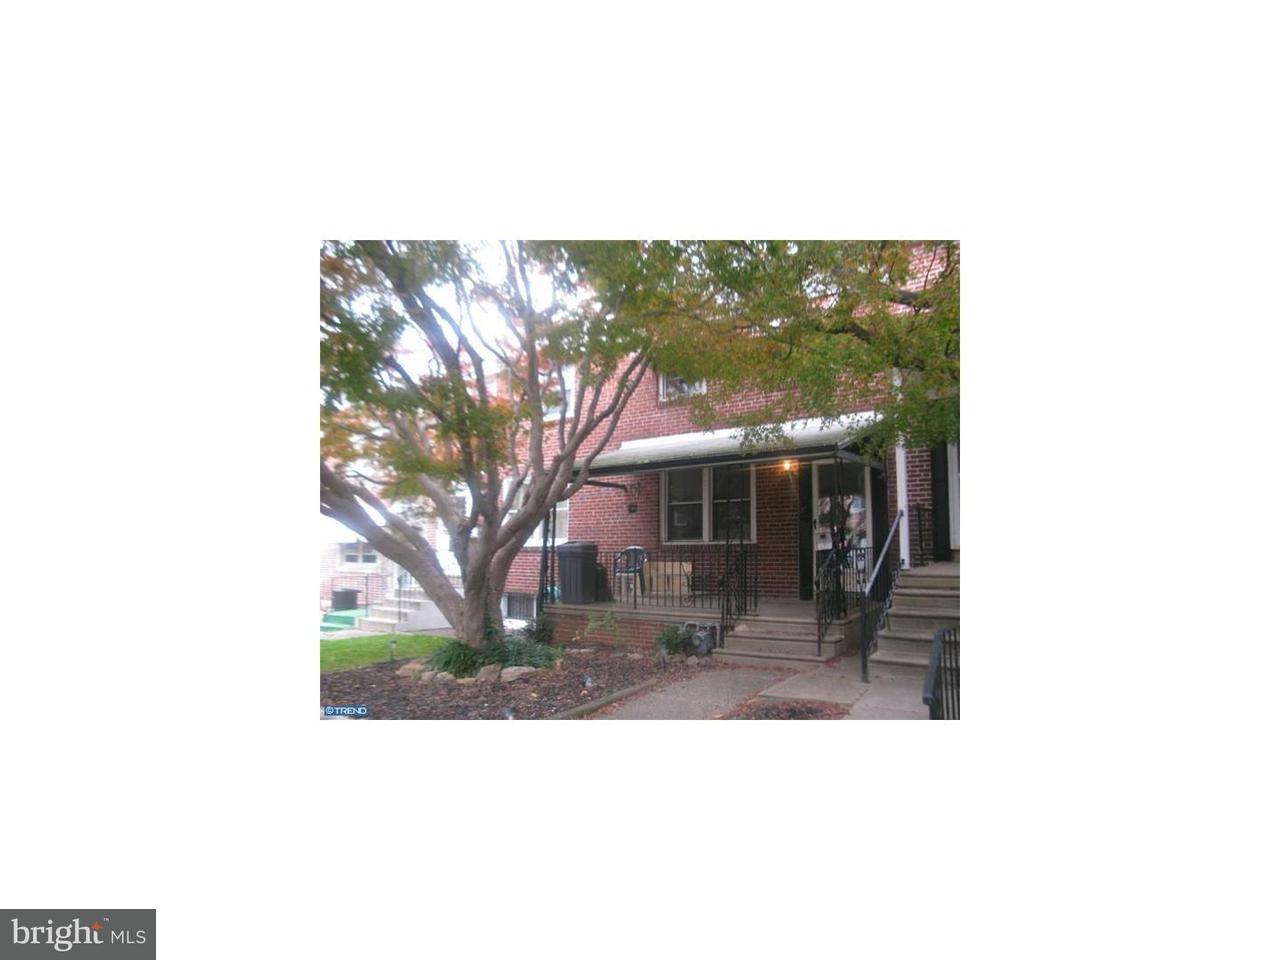 Casa unifamiliar adosada (Townhouse) por un Alquiler en 105 MILDRED Avenue Darby, Pennsylvania 19023 Estados Unidos